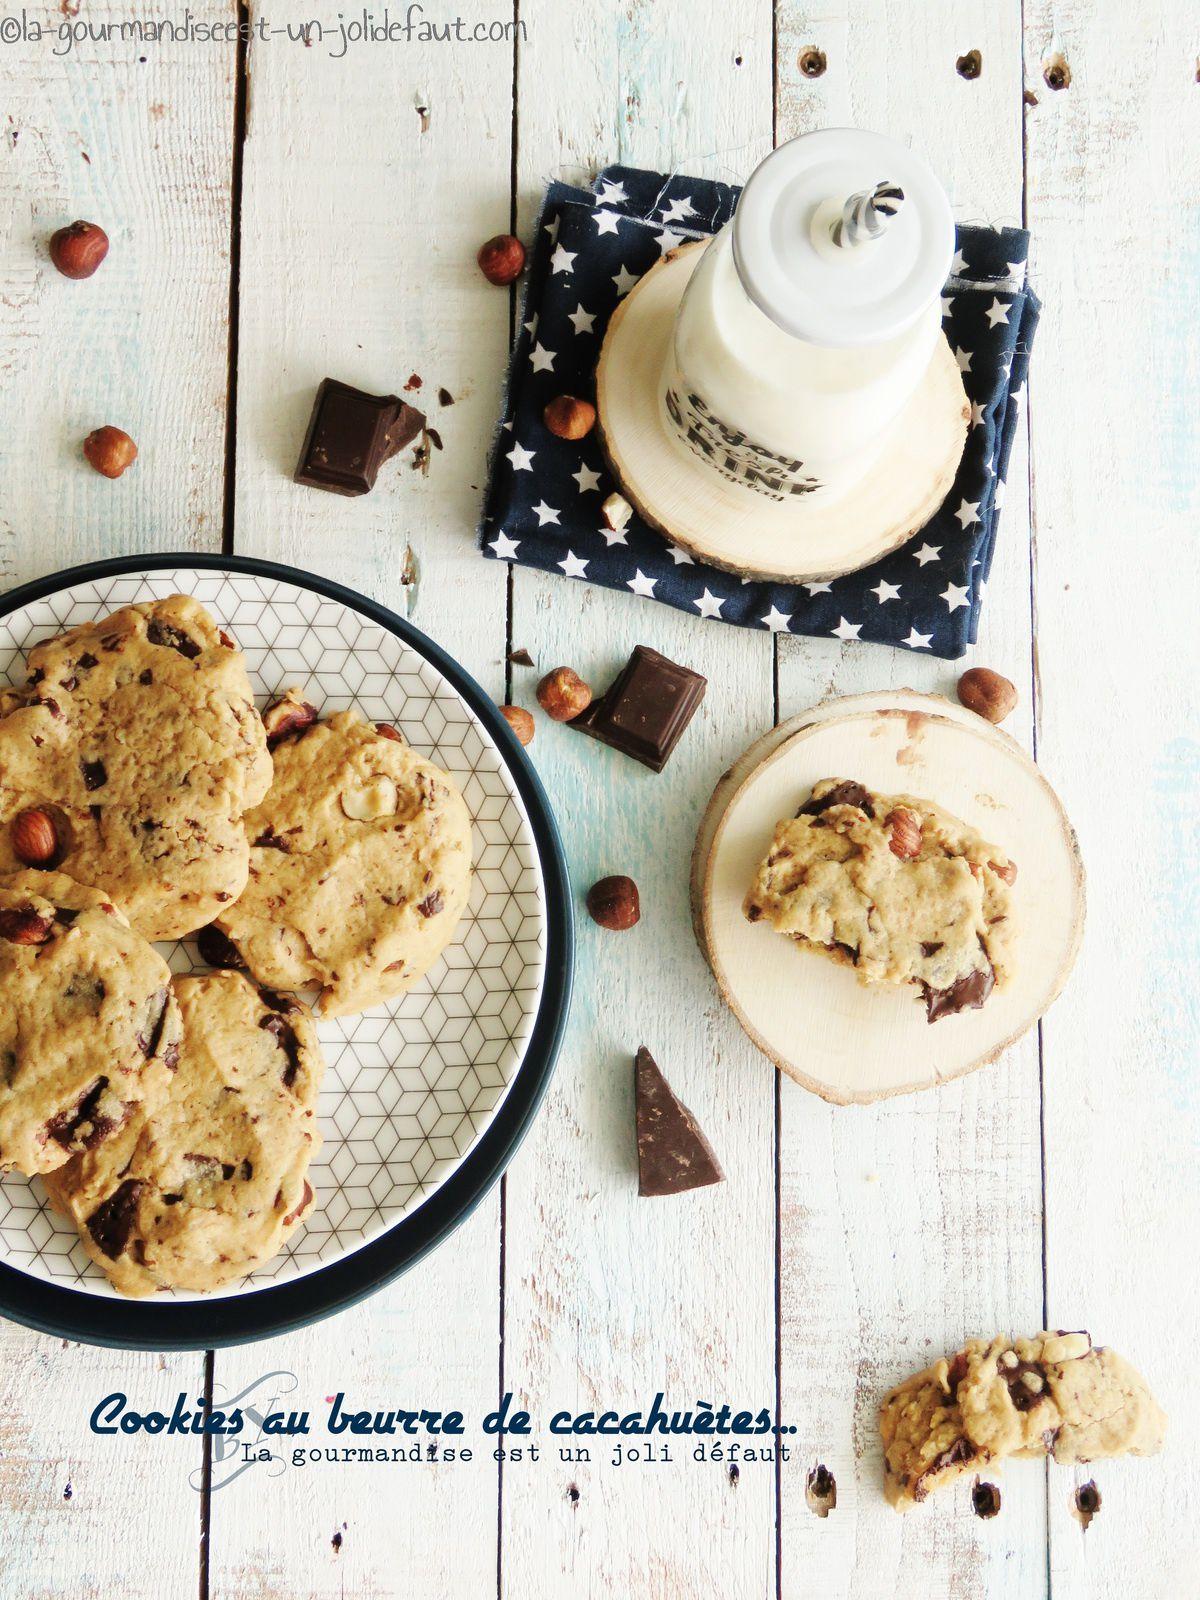 Cookies au beurre de cacahuètes, noisettes et chocolat noir